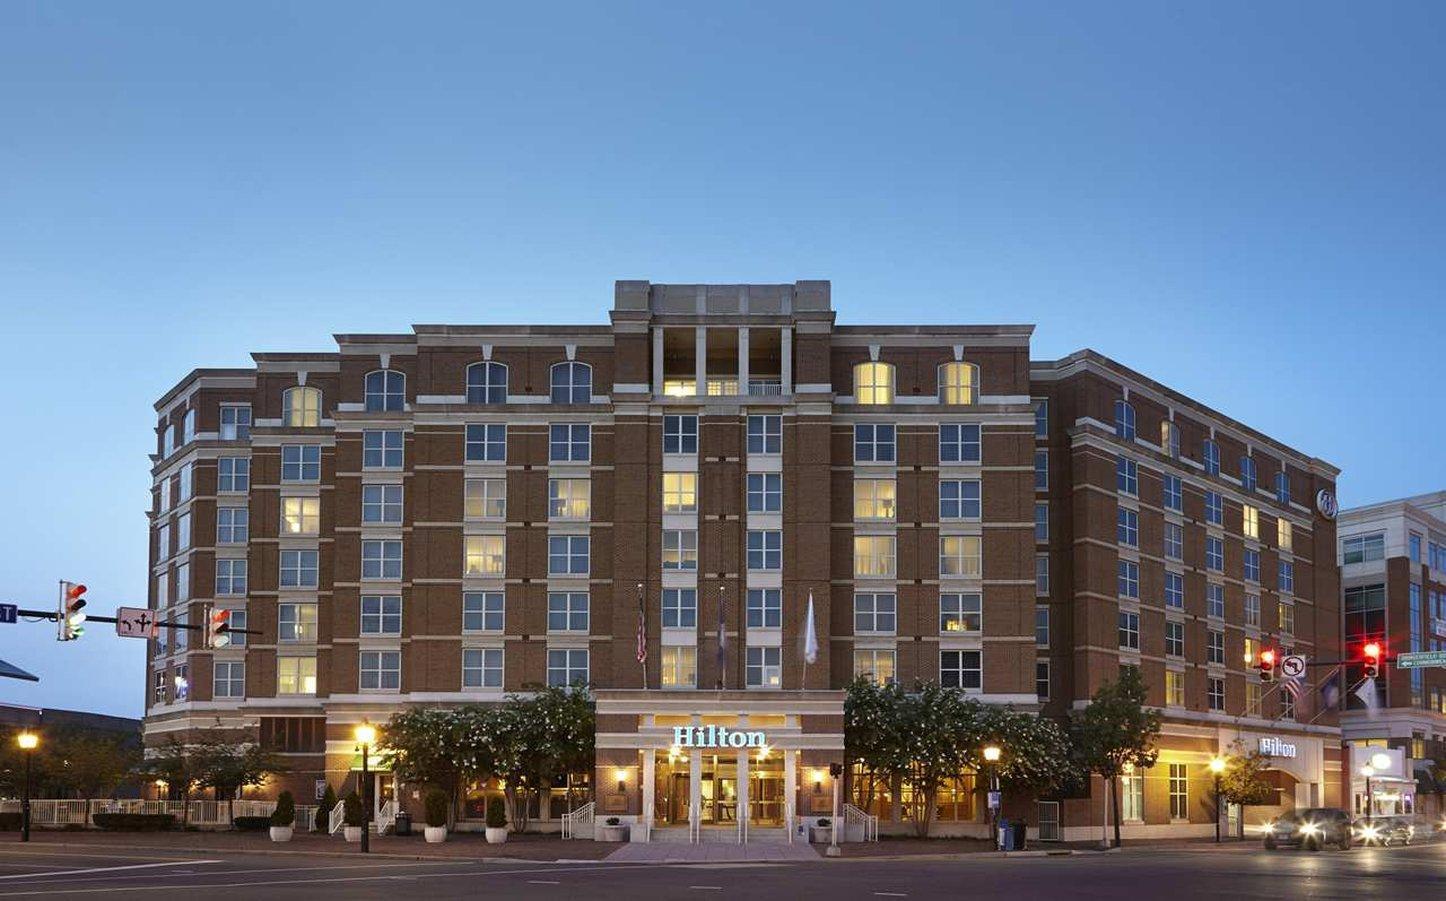 Hilton Alexandria Old Town Hotel